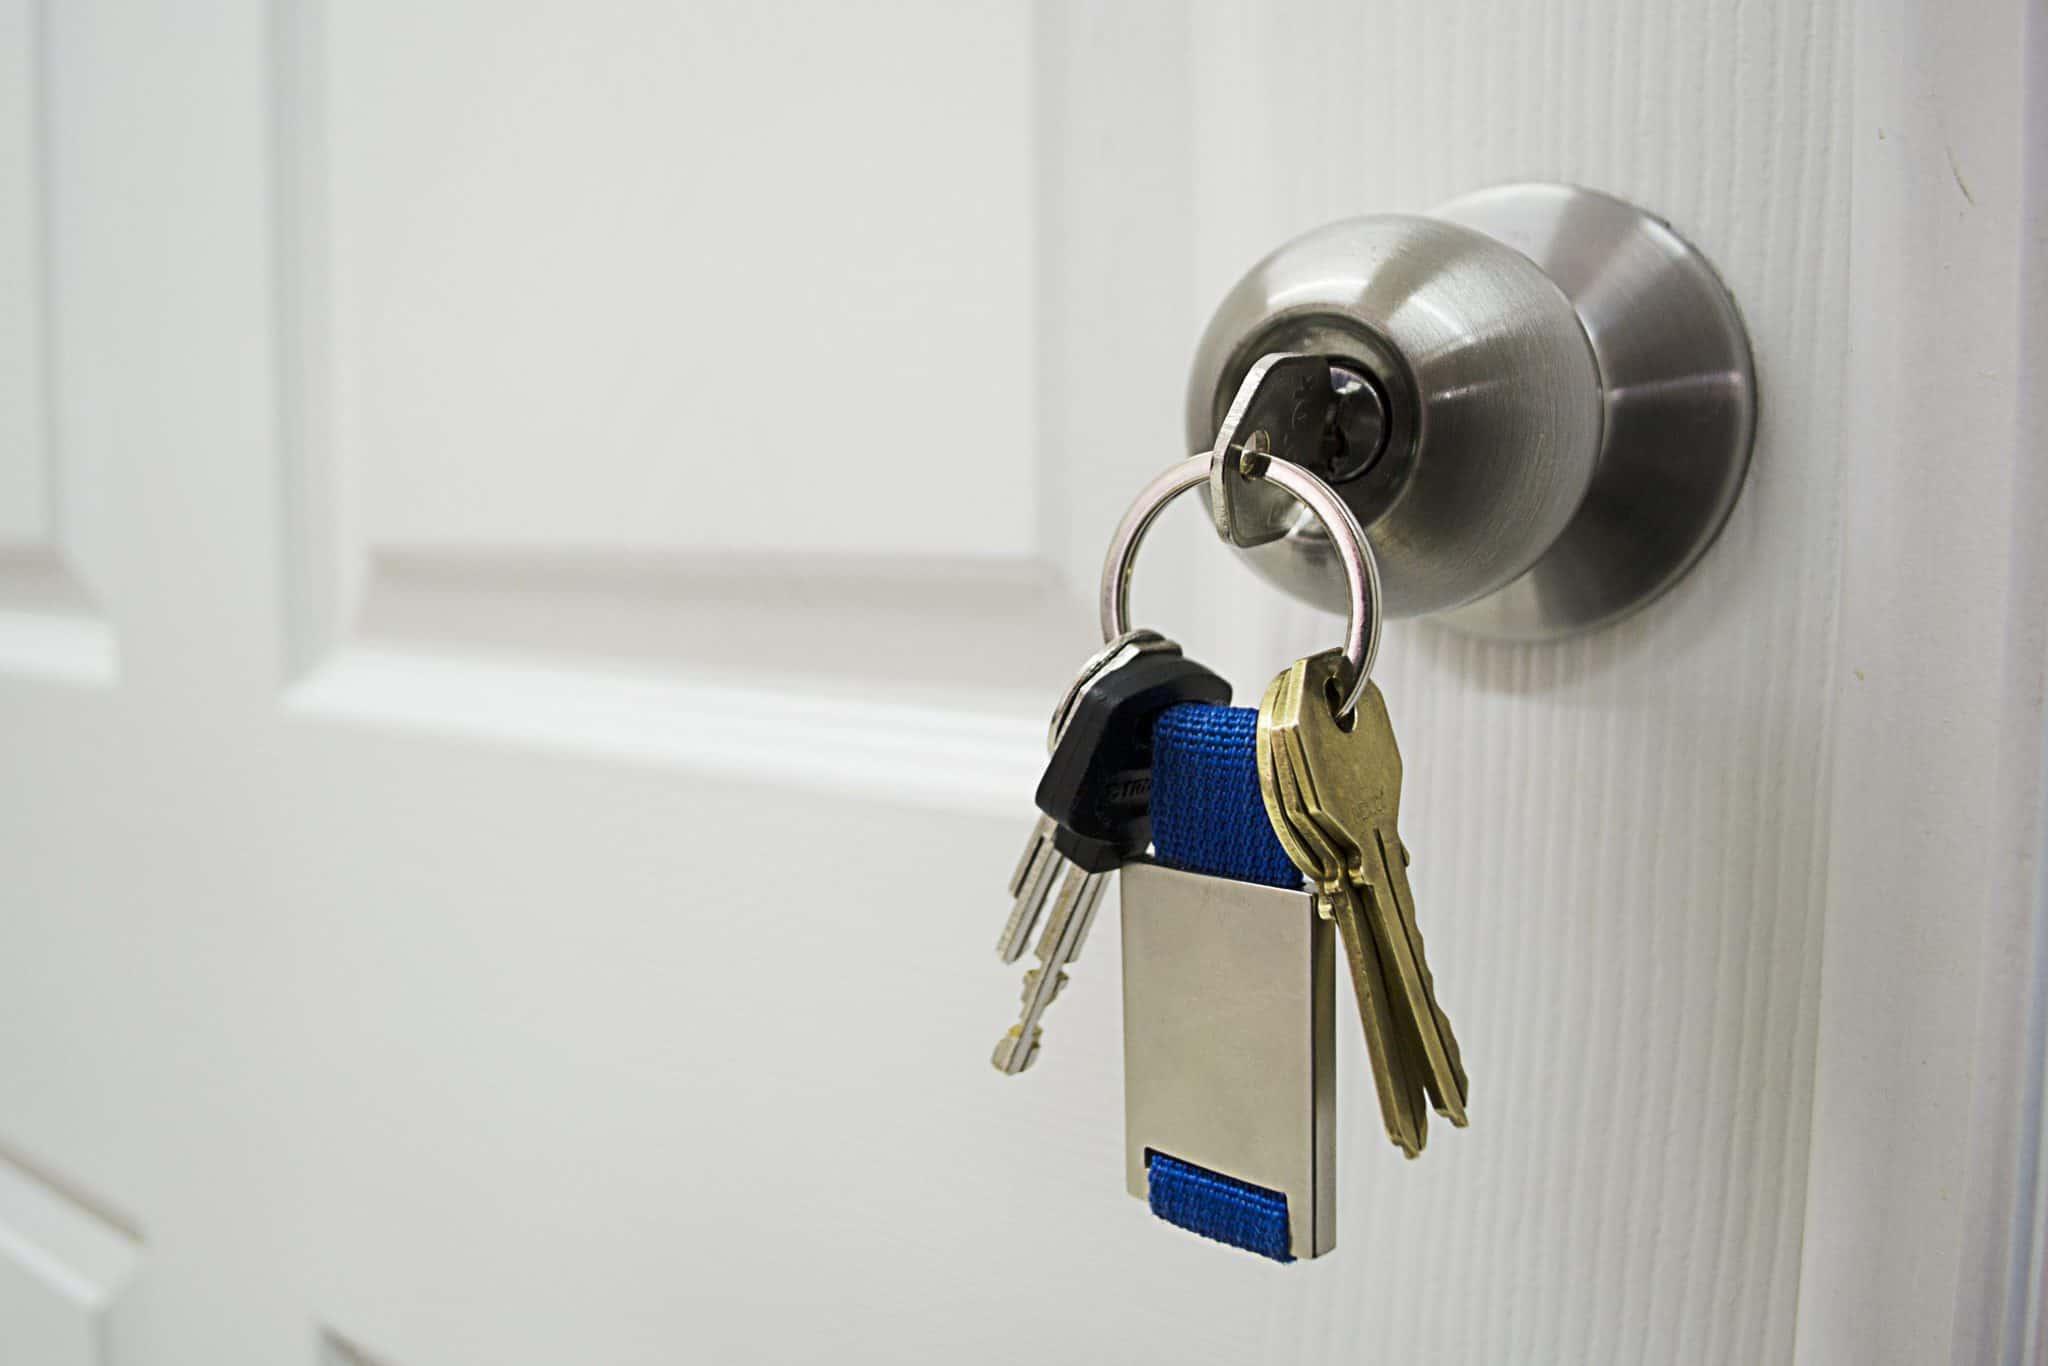 sacar llave atascada